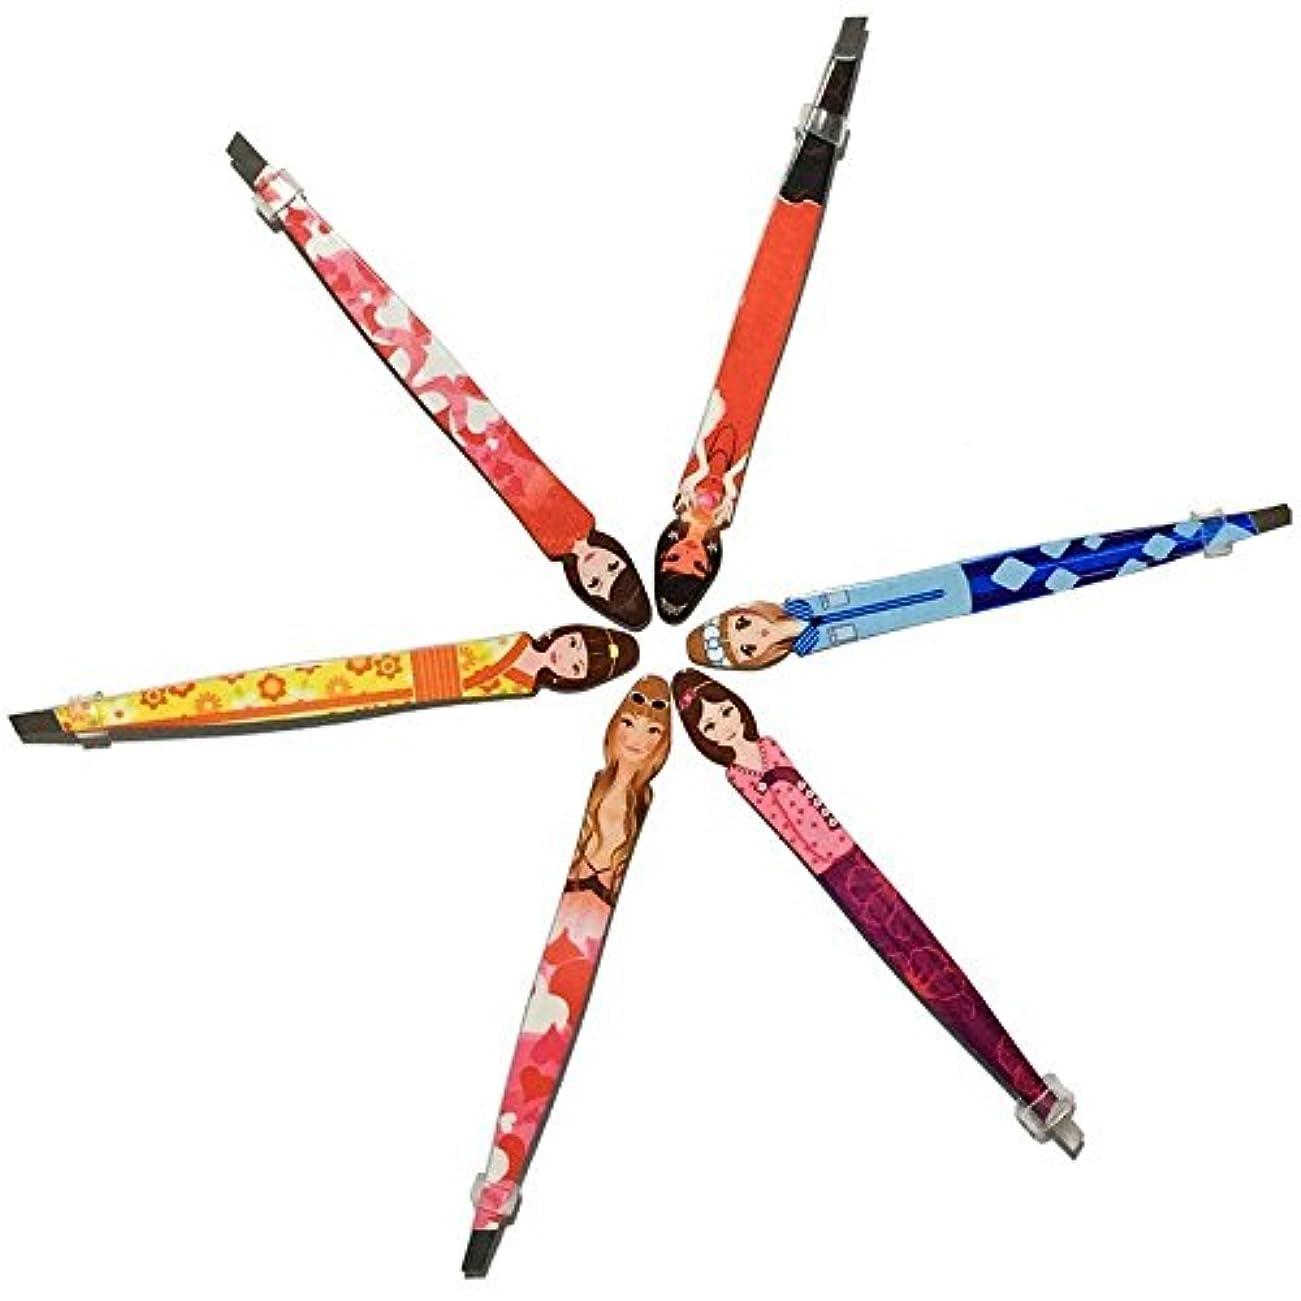 表現バケット番号Pinkiou <特別なピンセット>古典的のデザイン 毛抜き 眉毛ピンセット ステンレス製 ツイーザー 化粧ツール 6セット 使いやすい 眉毛